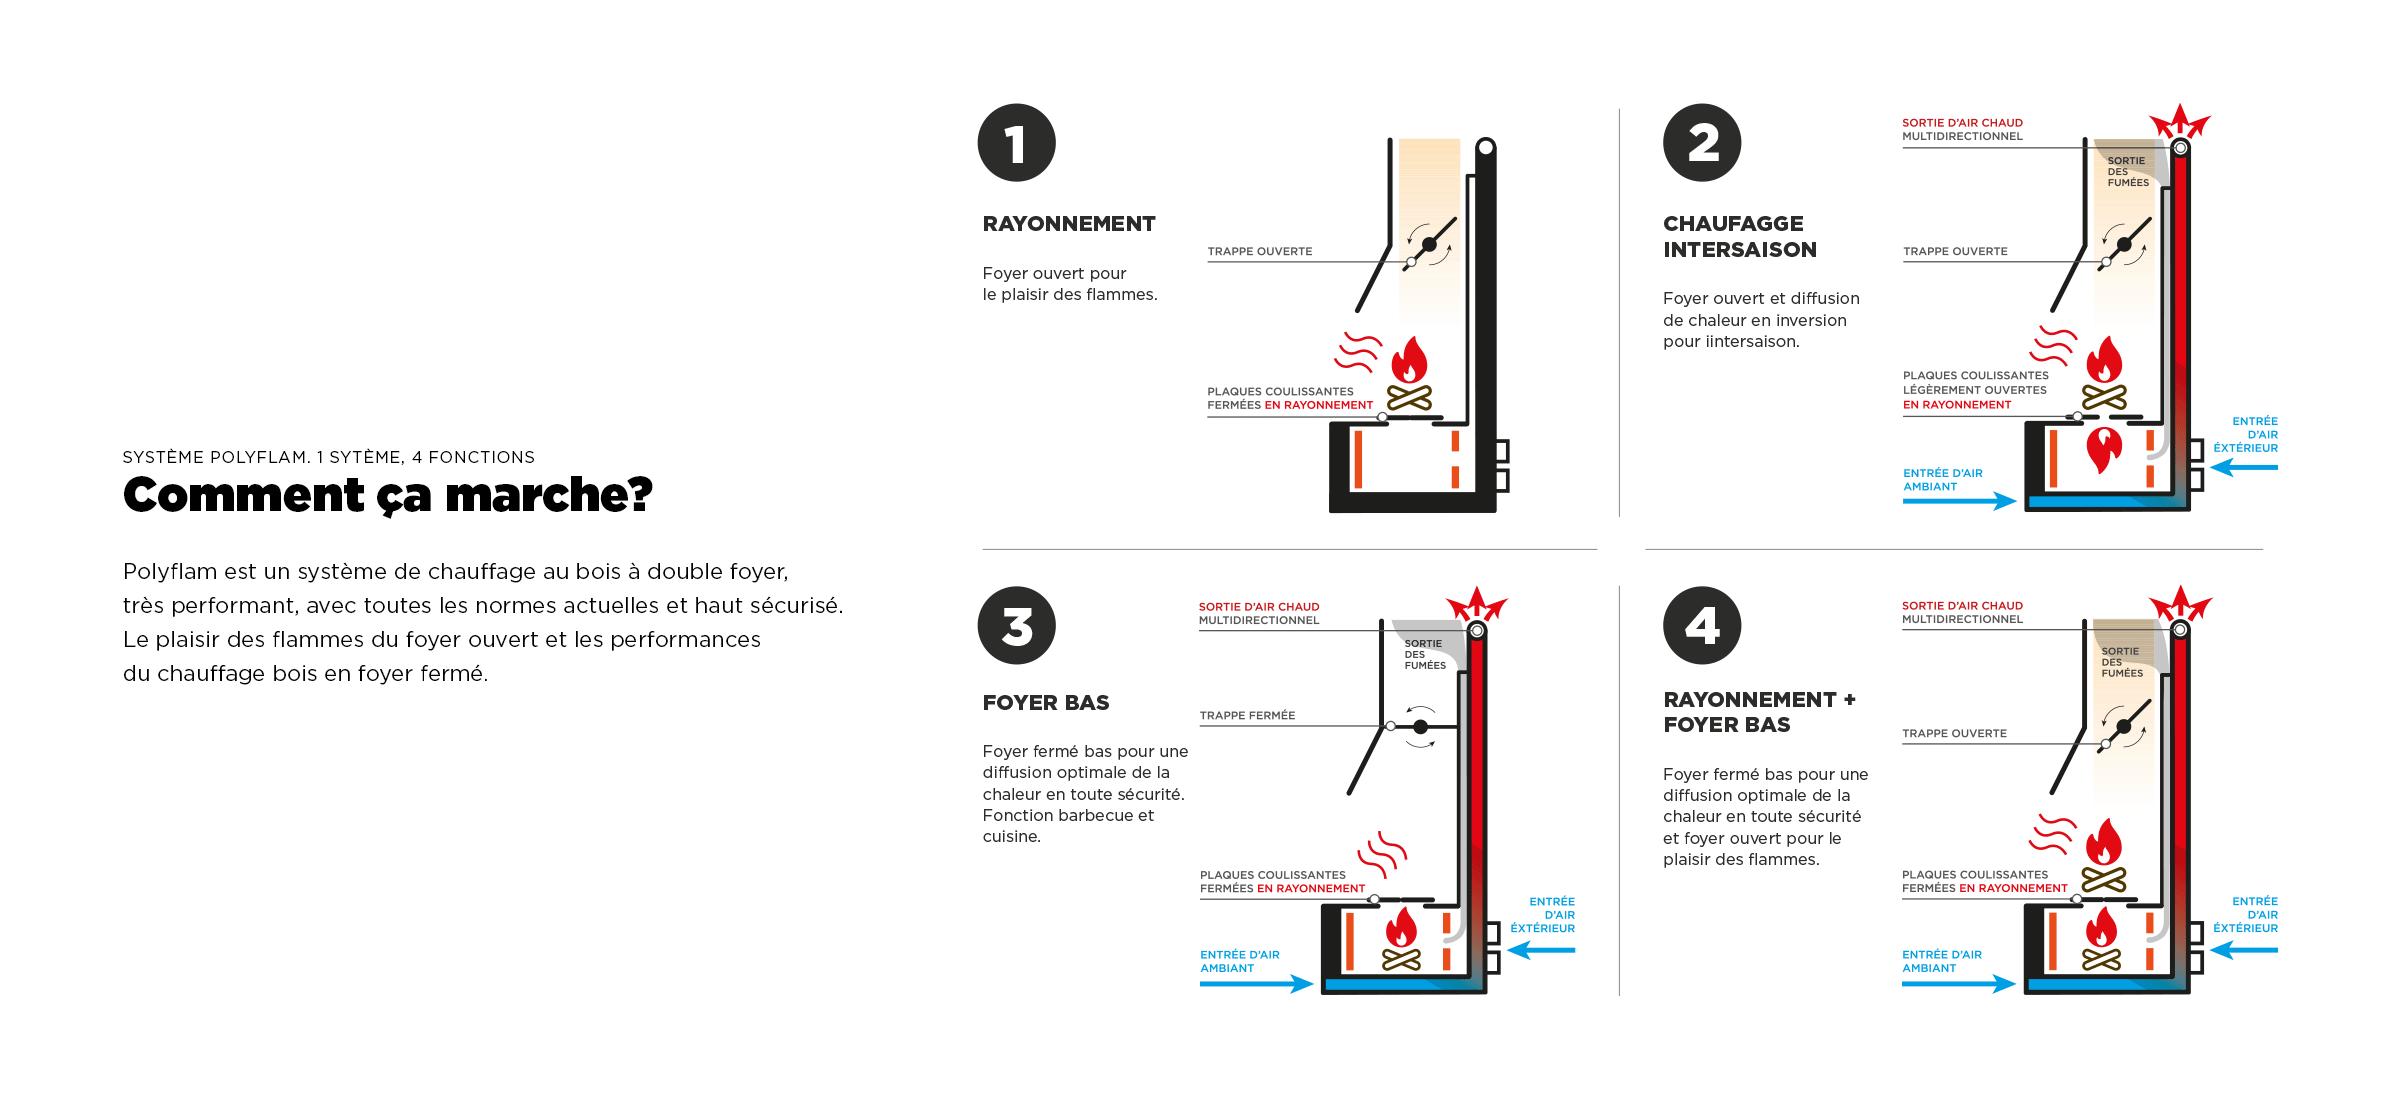 Système Polyflam de double foyer avec 4 fonctions